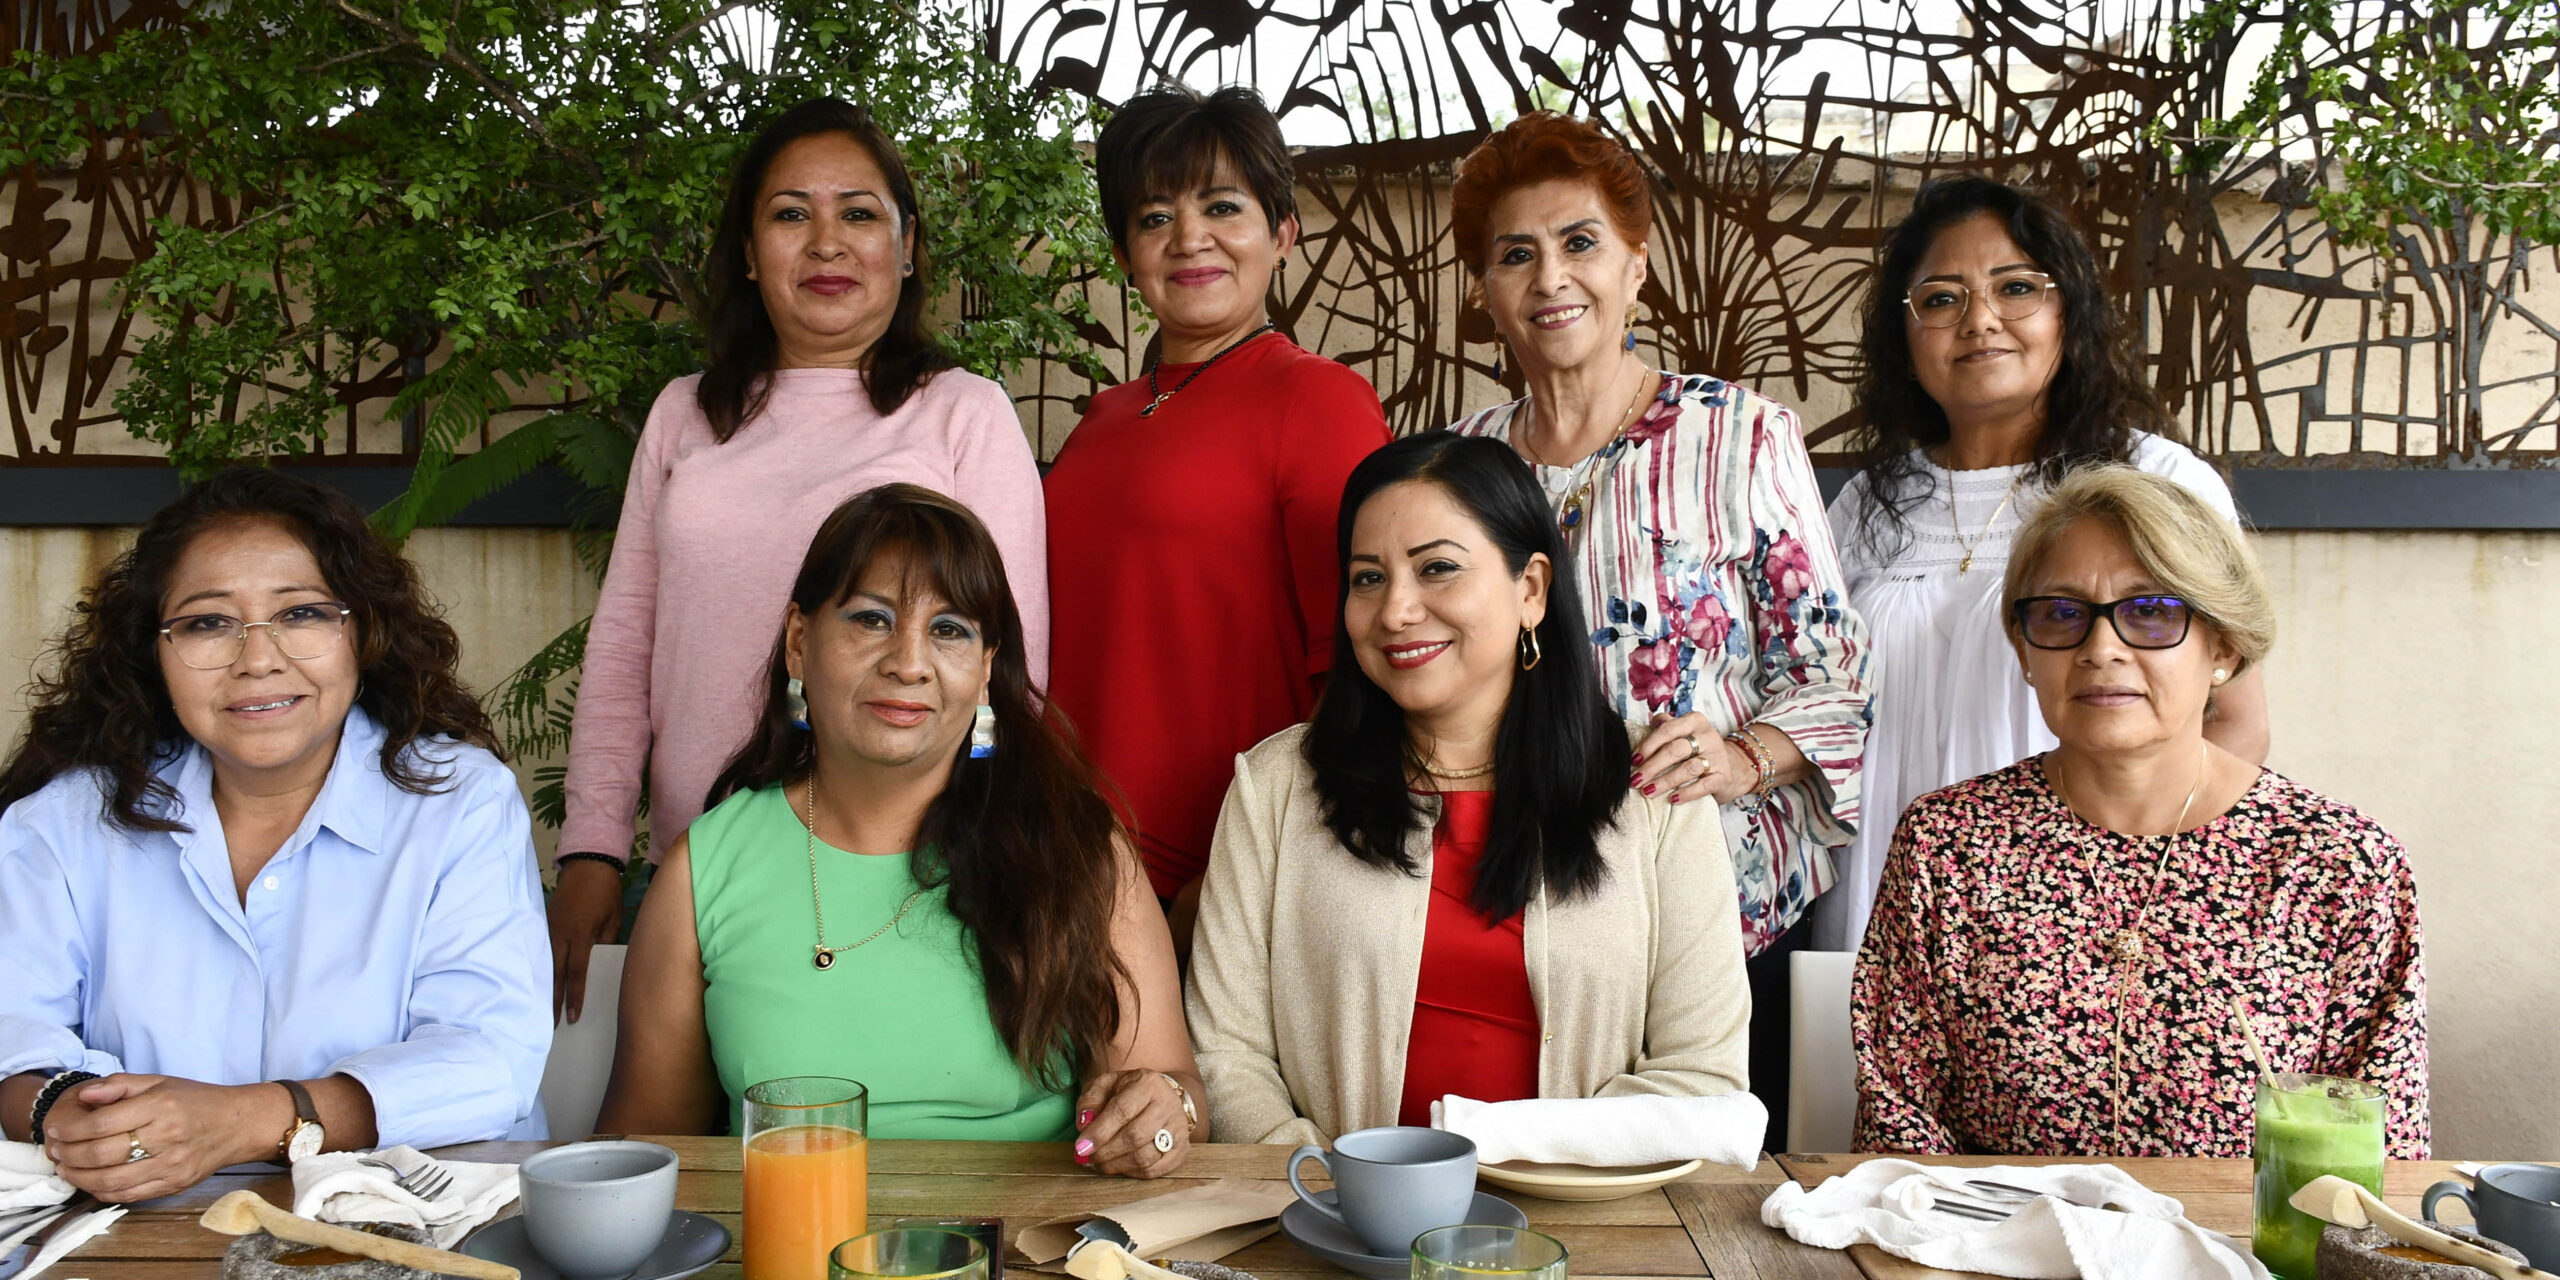 Leticia recibe parabienes | El Imparcial de Oaxaca